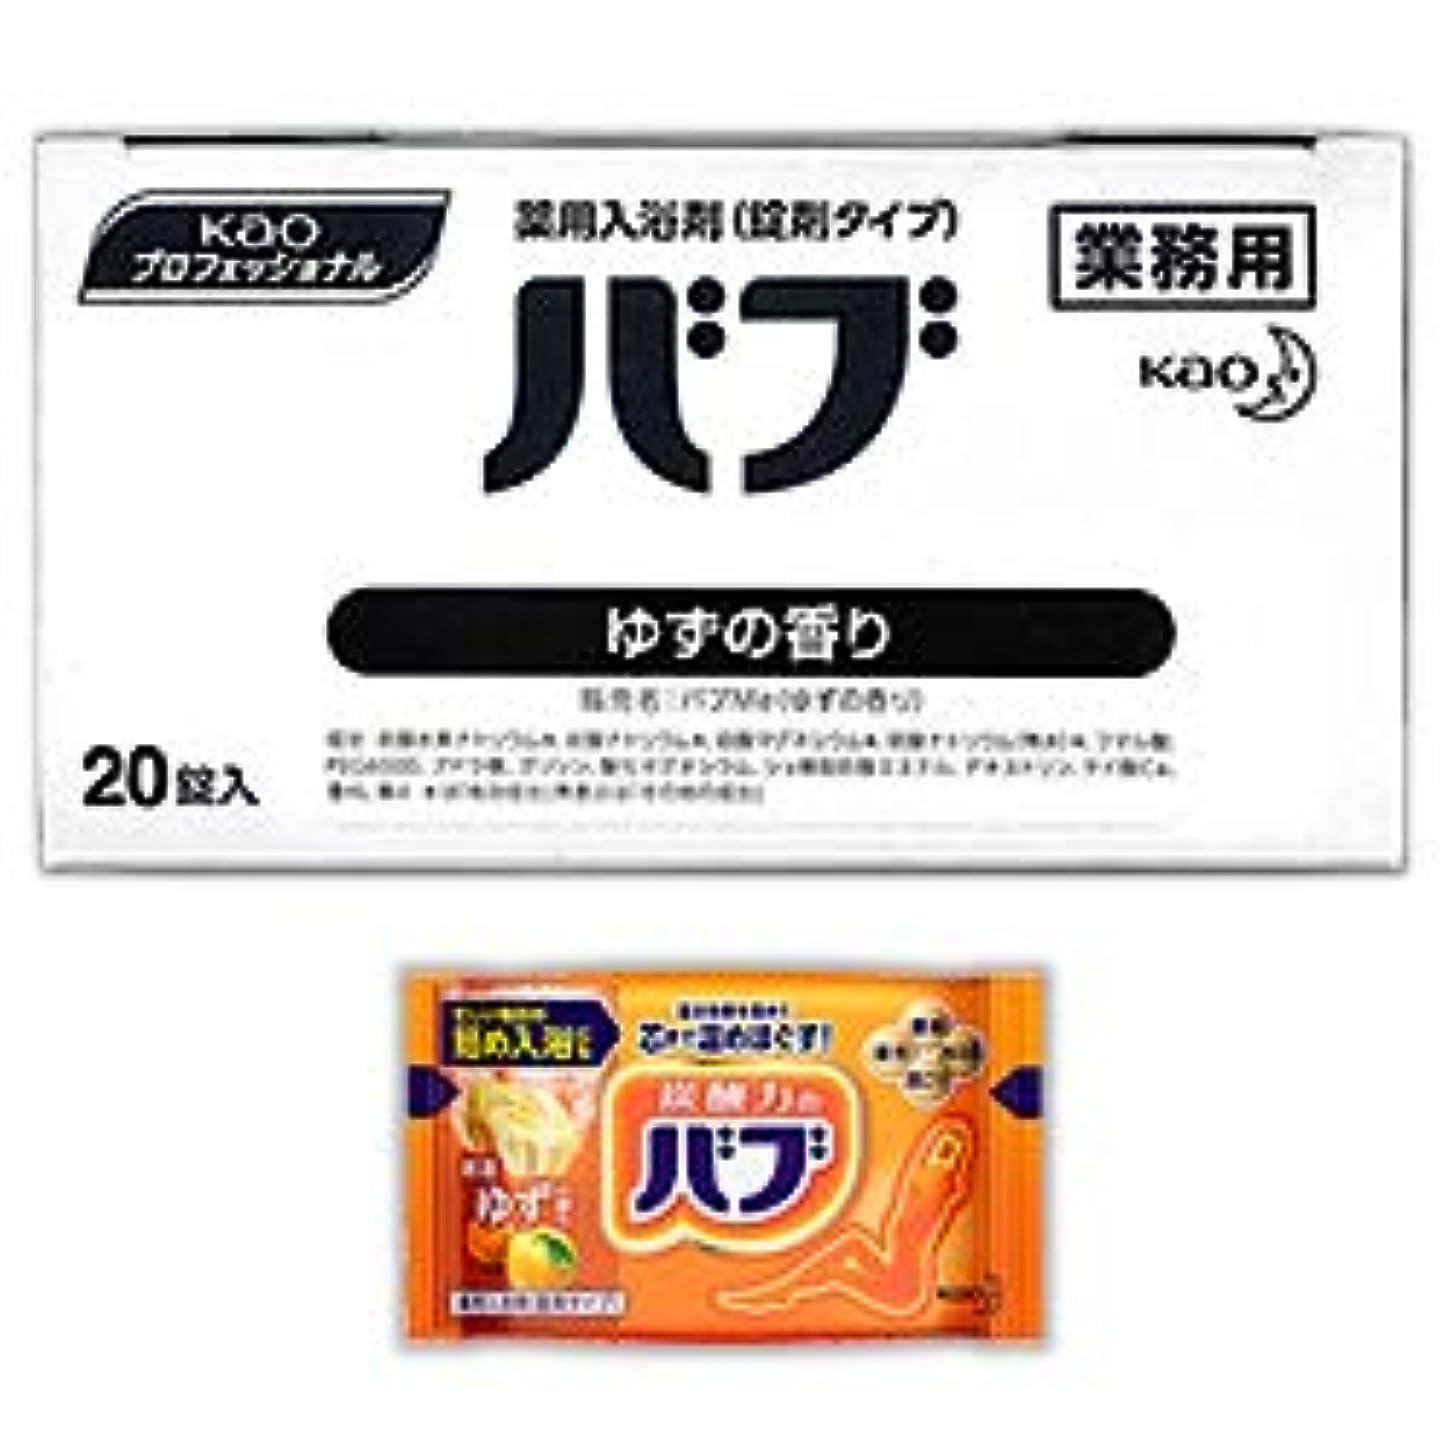 床を掃除する無臭ジャングル【花王】Kaoプロフェッショナル バブ ゆずの香り(業務用) 40g×20錠入 ×2個セット